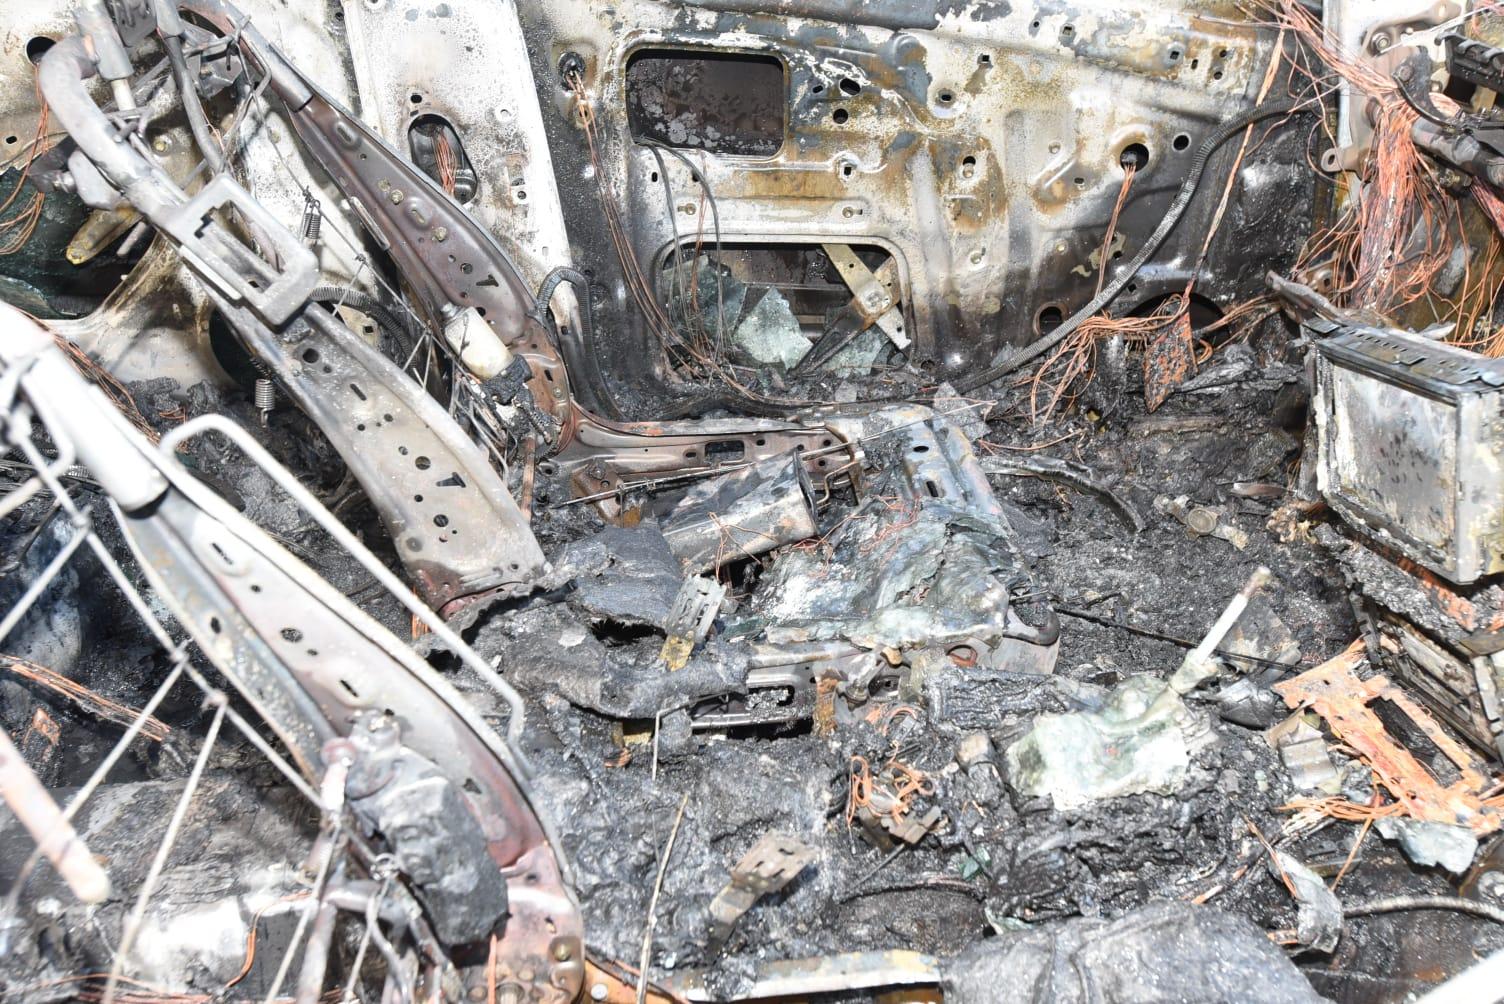 私家车蓝田遭纵火焚毁 车主称资料被盗用